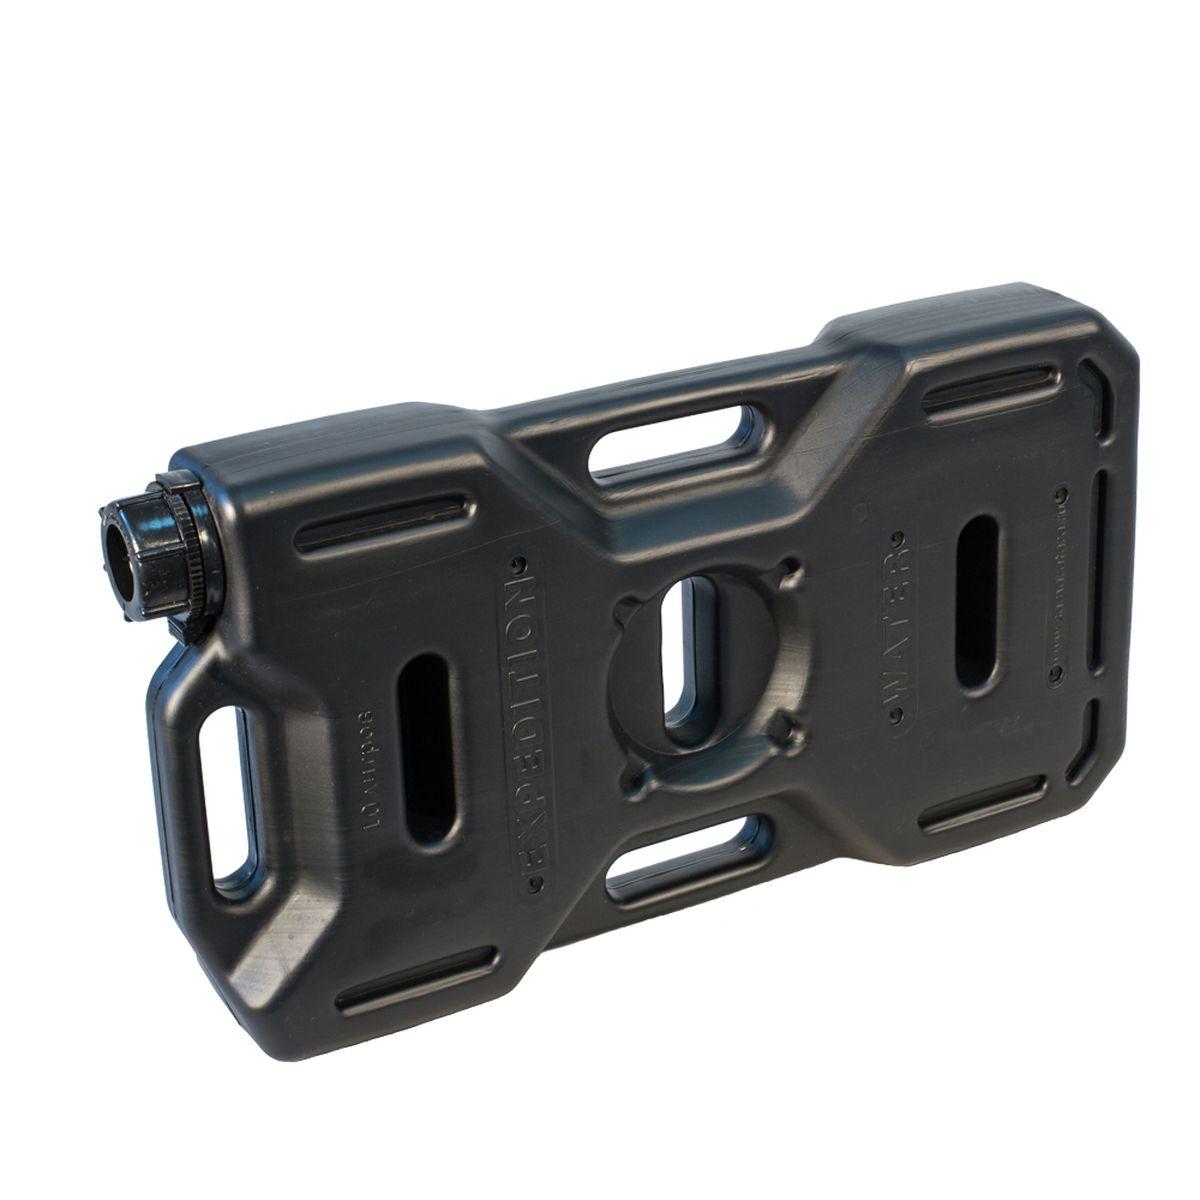 Канистра автомобильная Экстрим Плюс, цвет: черный, 10 л канистра для топлива dollex с носиком 10 л